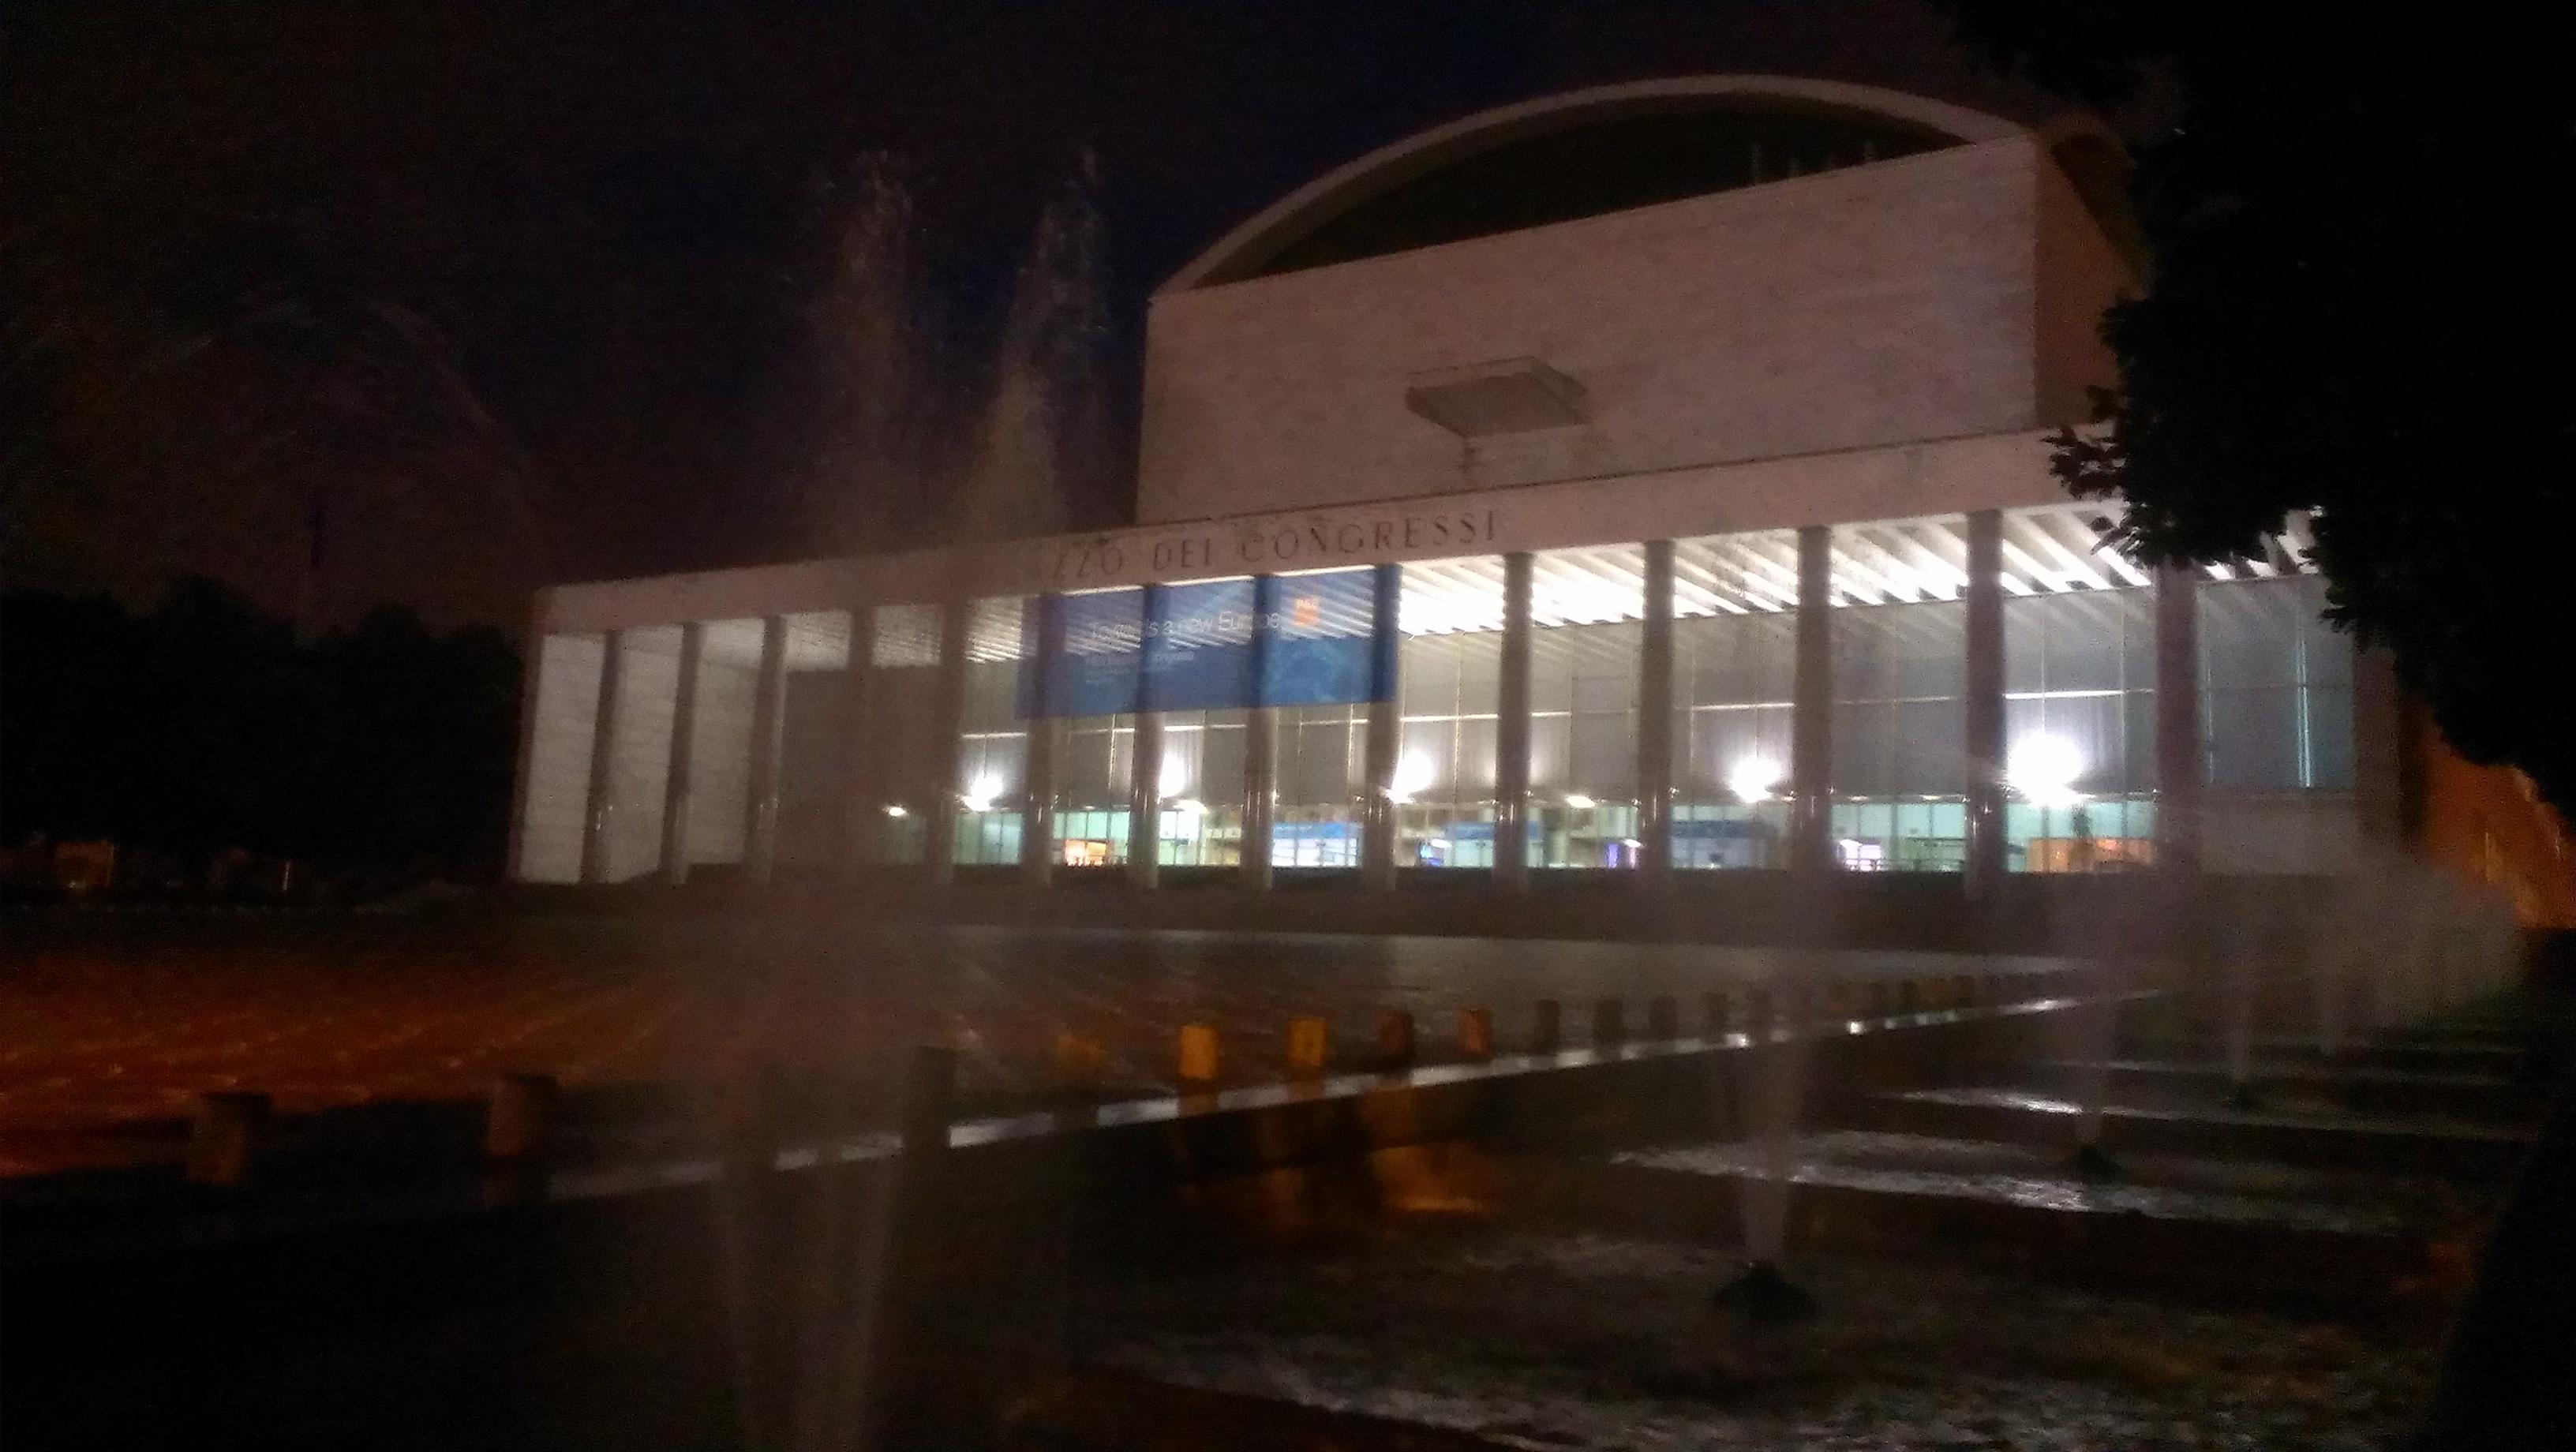 Das Kongresszentrum bei Nacht in einer Konferenzpause